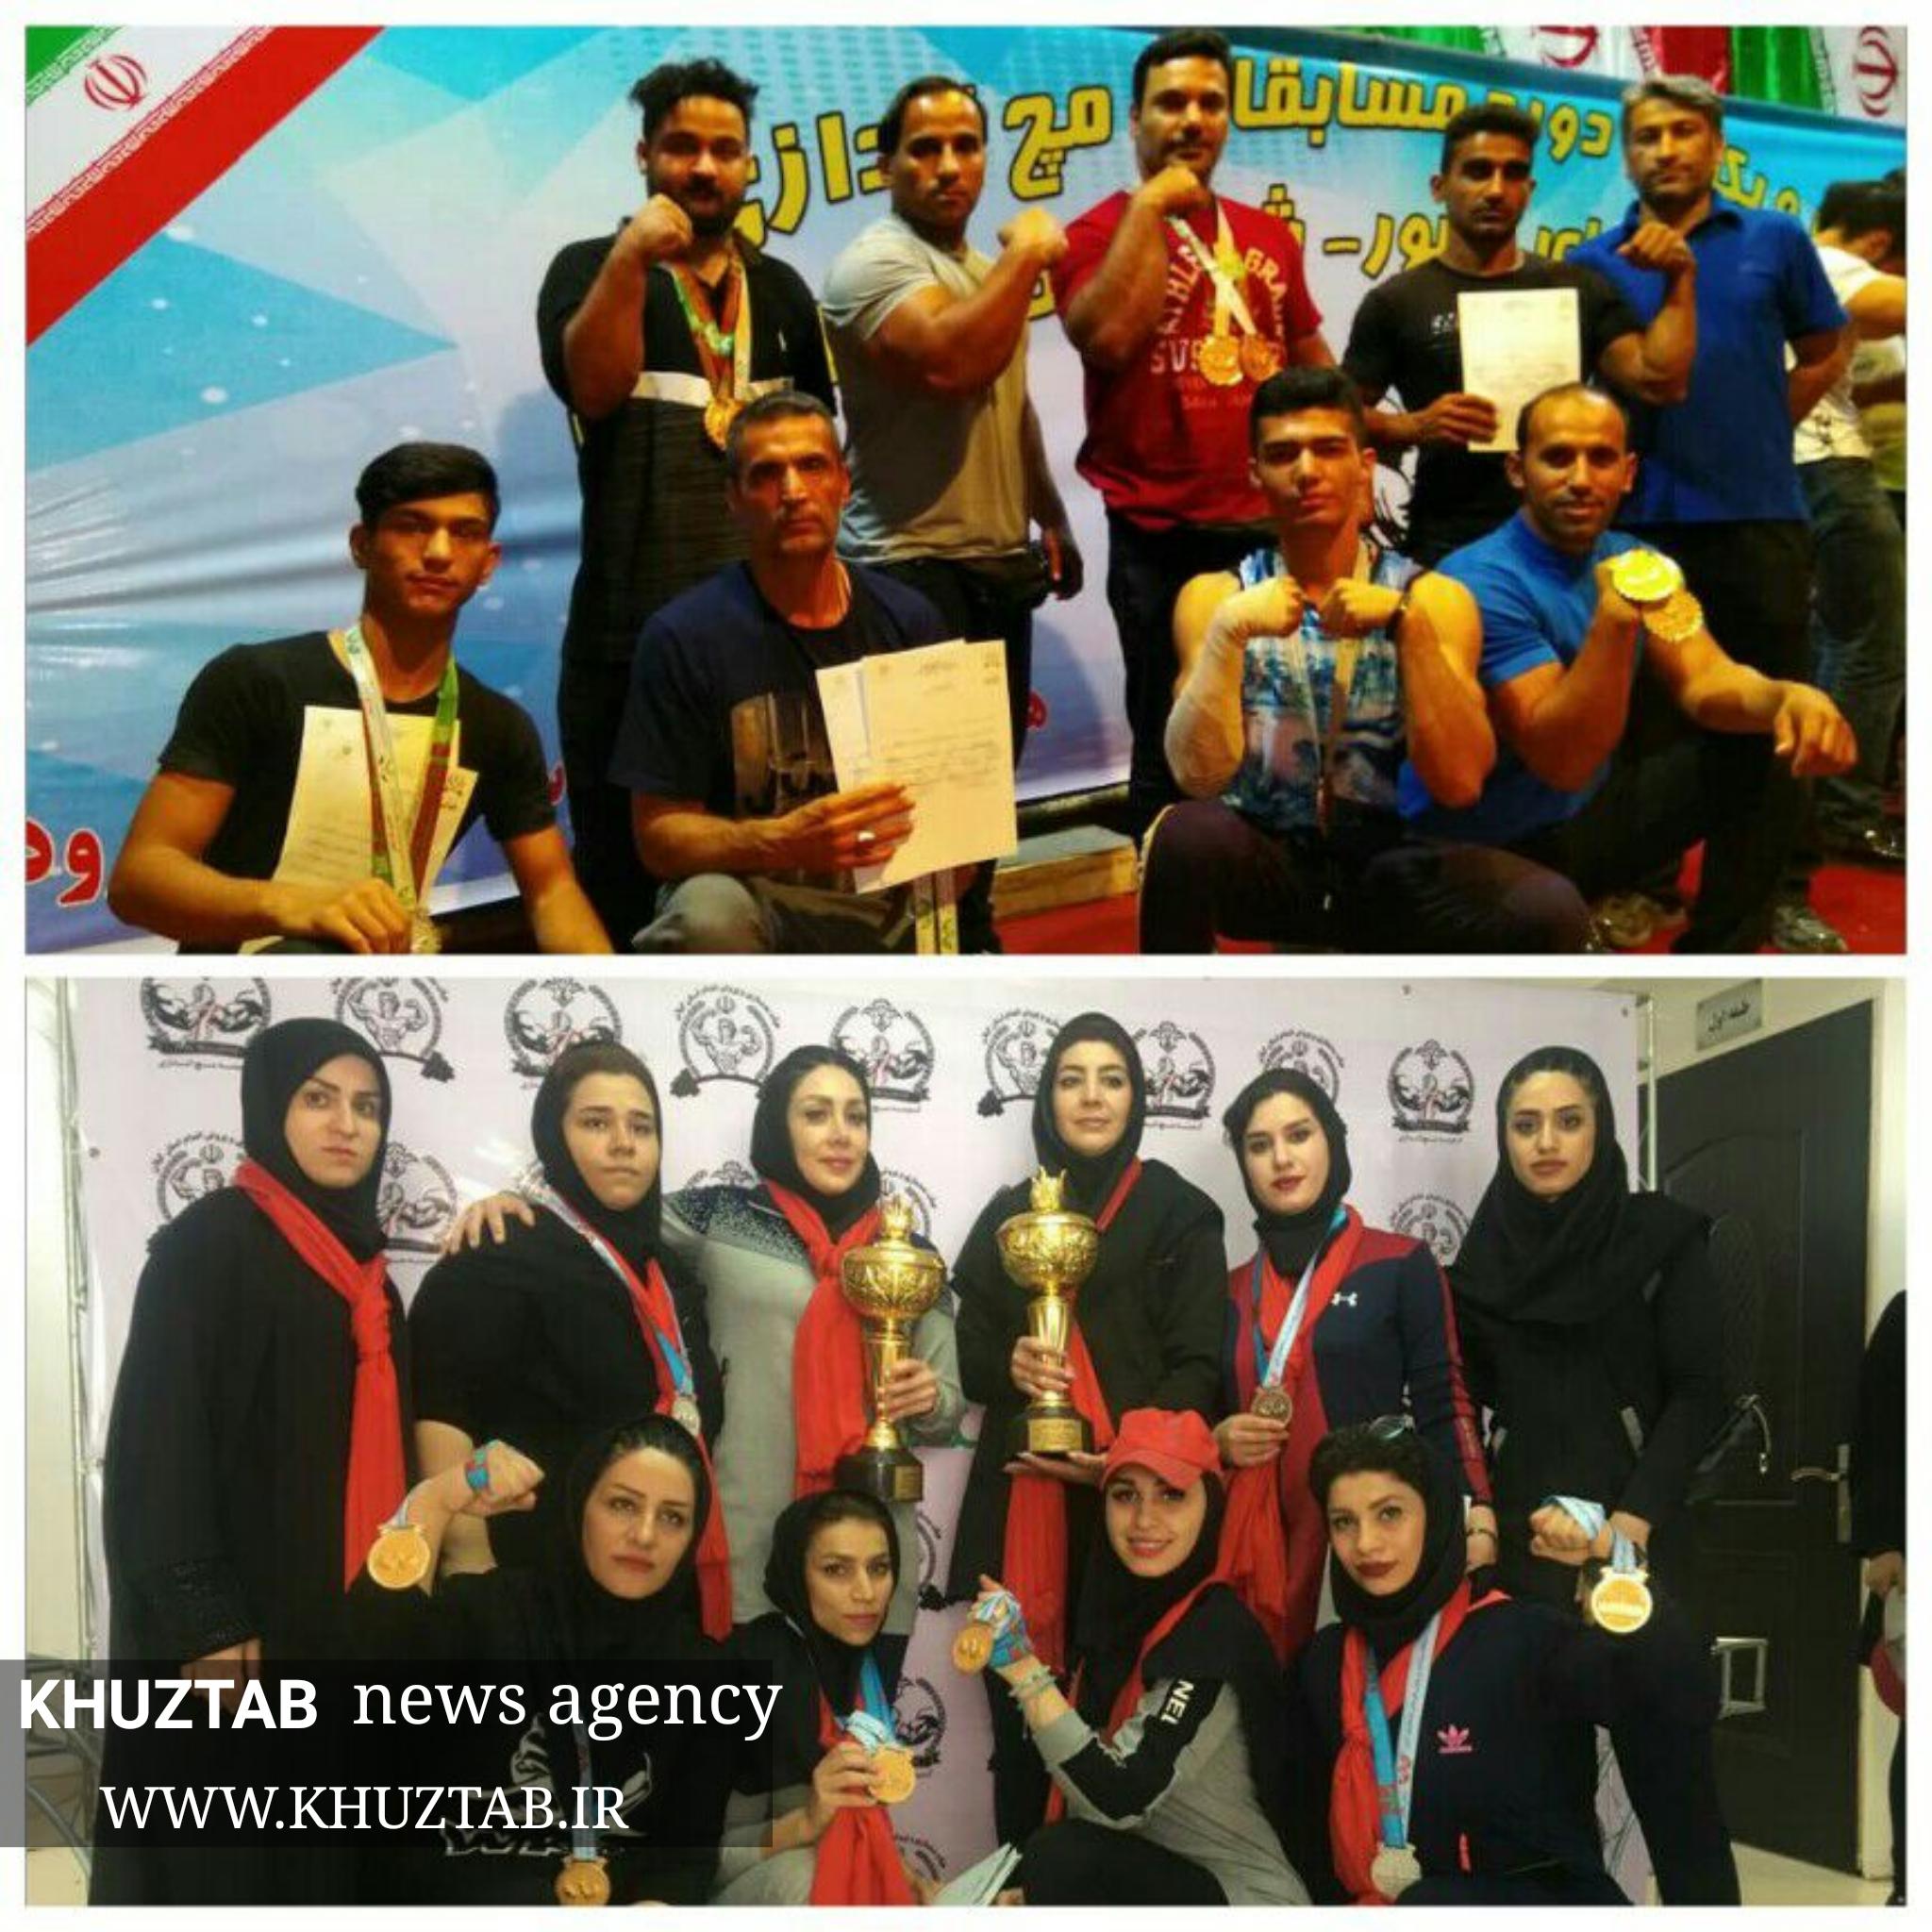 PhotoGrid 1564810515156 درخشش بانوان و اقایان خوزستانی